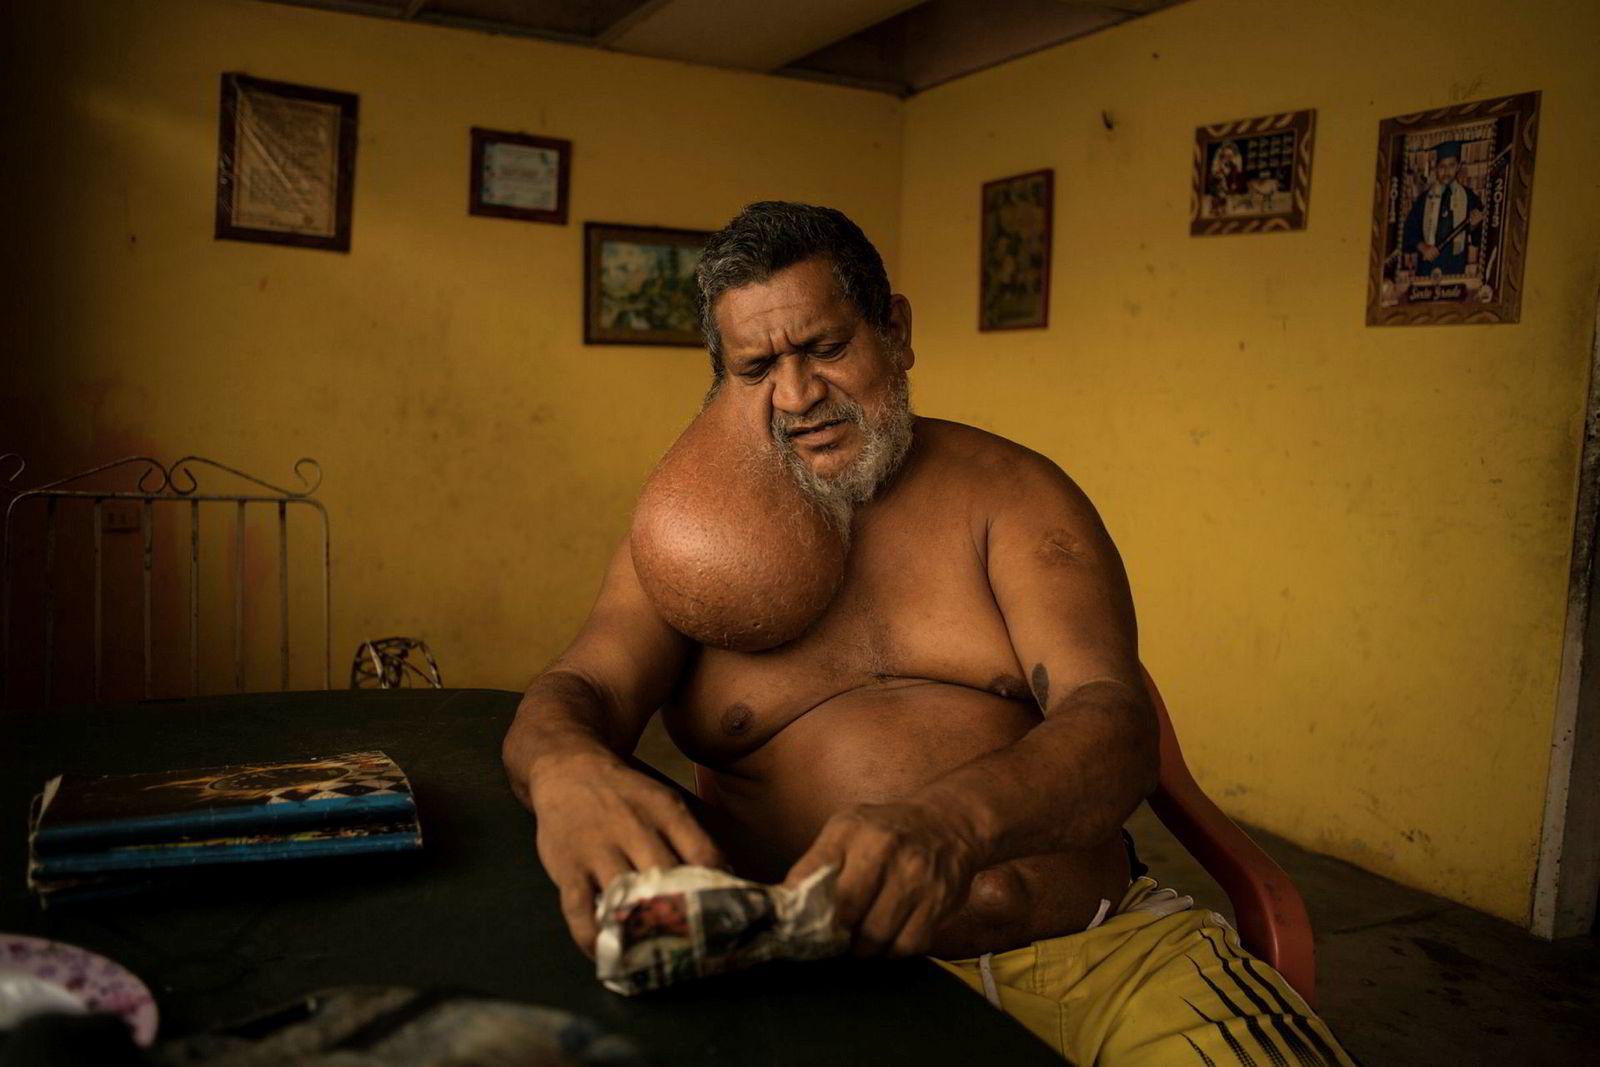 Økonomien har gått til helvete, det finnes ikke kontanter. Bare gull, sier mekanikeren Enrique Pacheco som i mange år jobbet i gullgruvene. I 12 år har han levd med en infeksjon og svulst i ansiktet som kunne vært fjernet med kirurgi. Men det cubansk-drevne sykehuset i Tumeremo har ikke utstyr eller medisiner til å hjelpe ham.